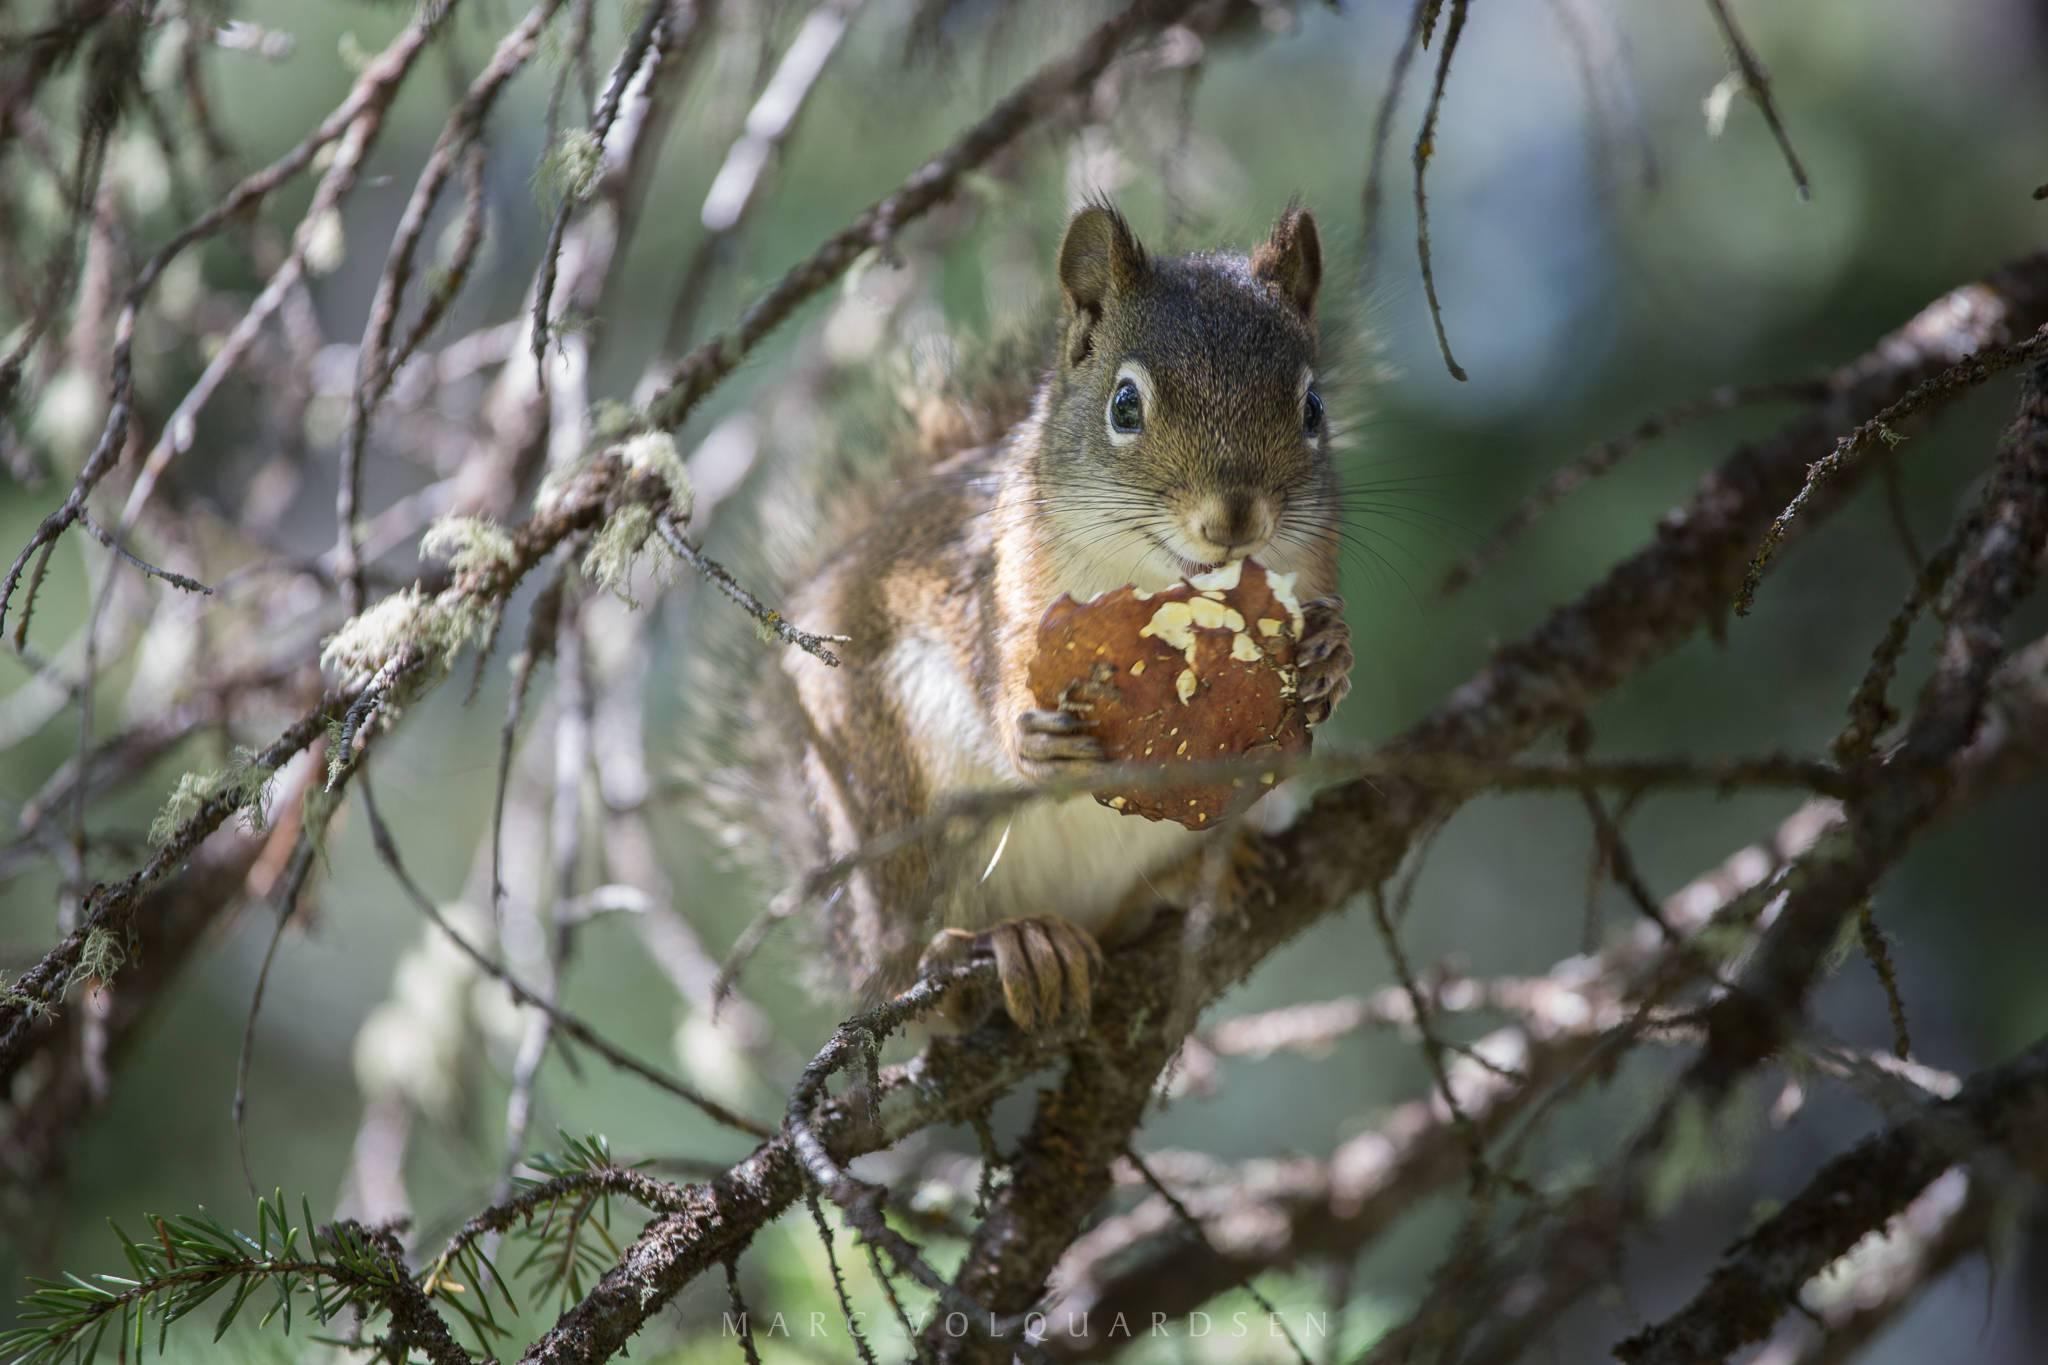 Grand Teton Nationalpark - Eichhörnchen (1294)